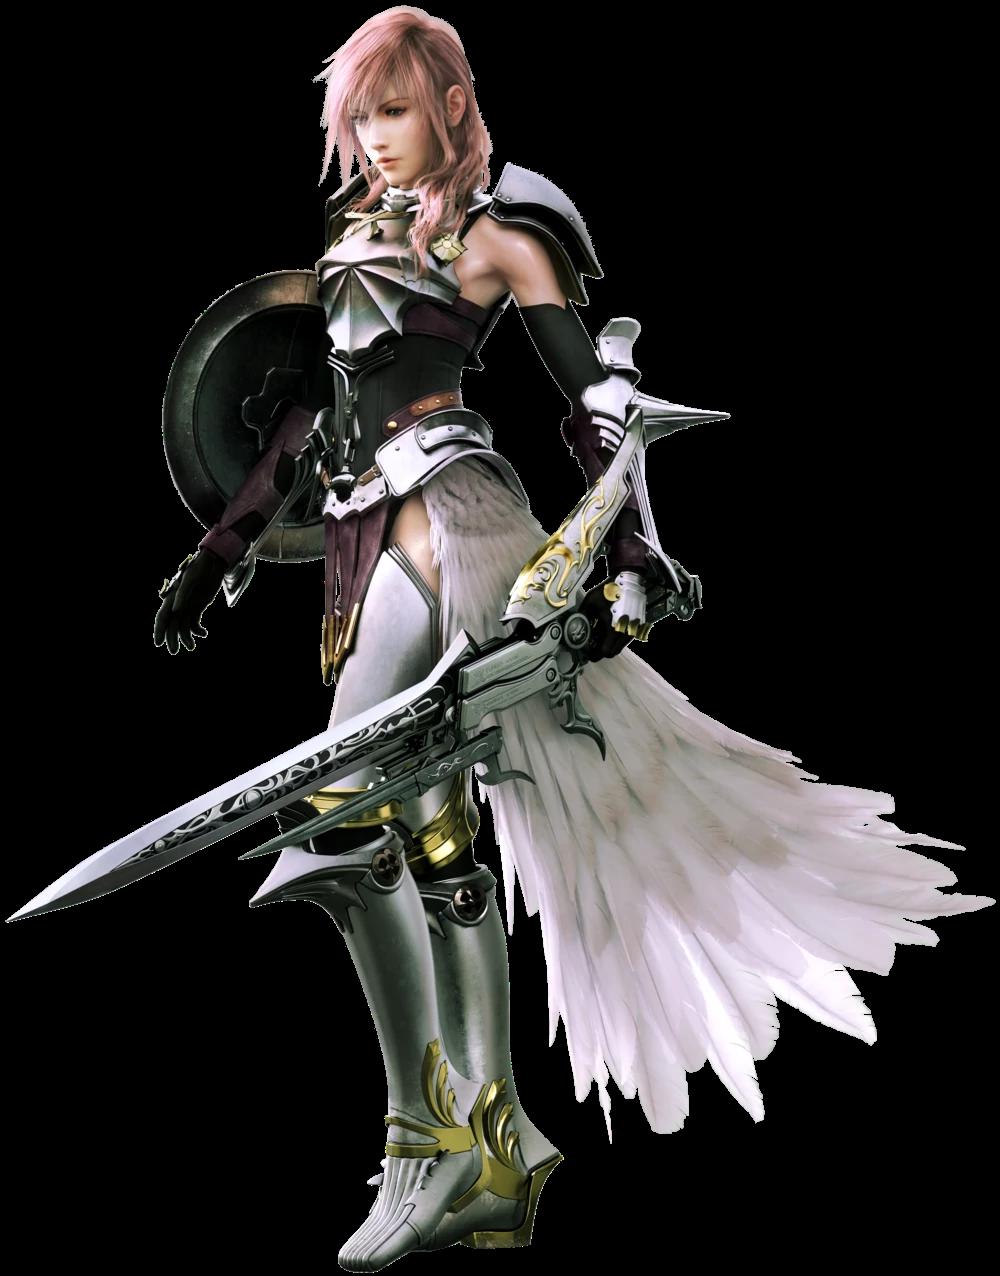 Lightning Final Fantasy Xiii Final Fantasy Wiki Fandom Powered By Wikia Lightning Final Fantasy Final Fantasy Girls Final Fantasy Art